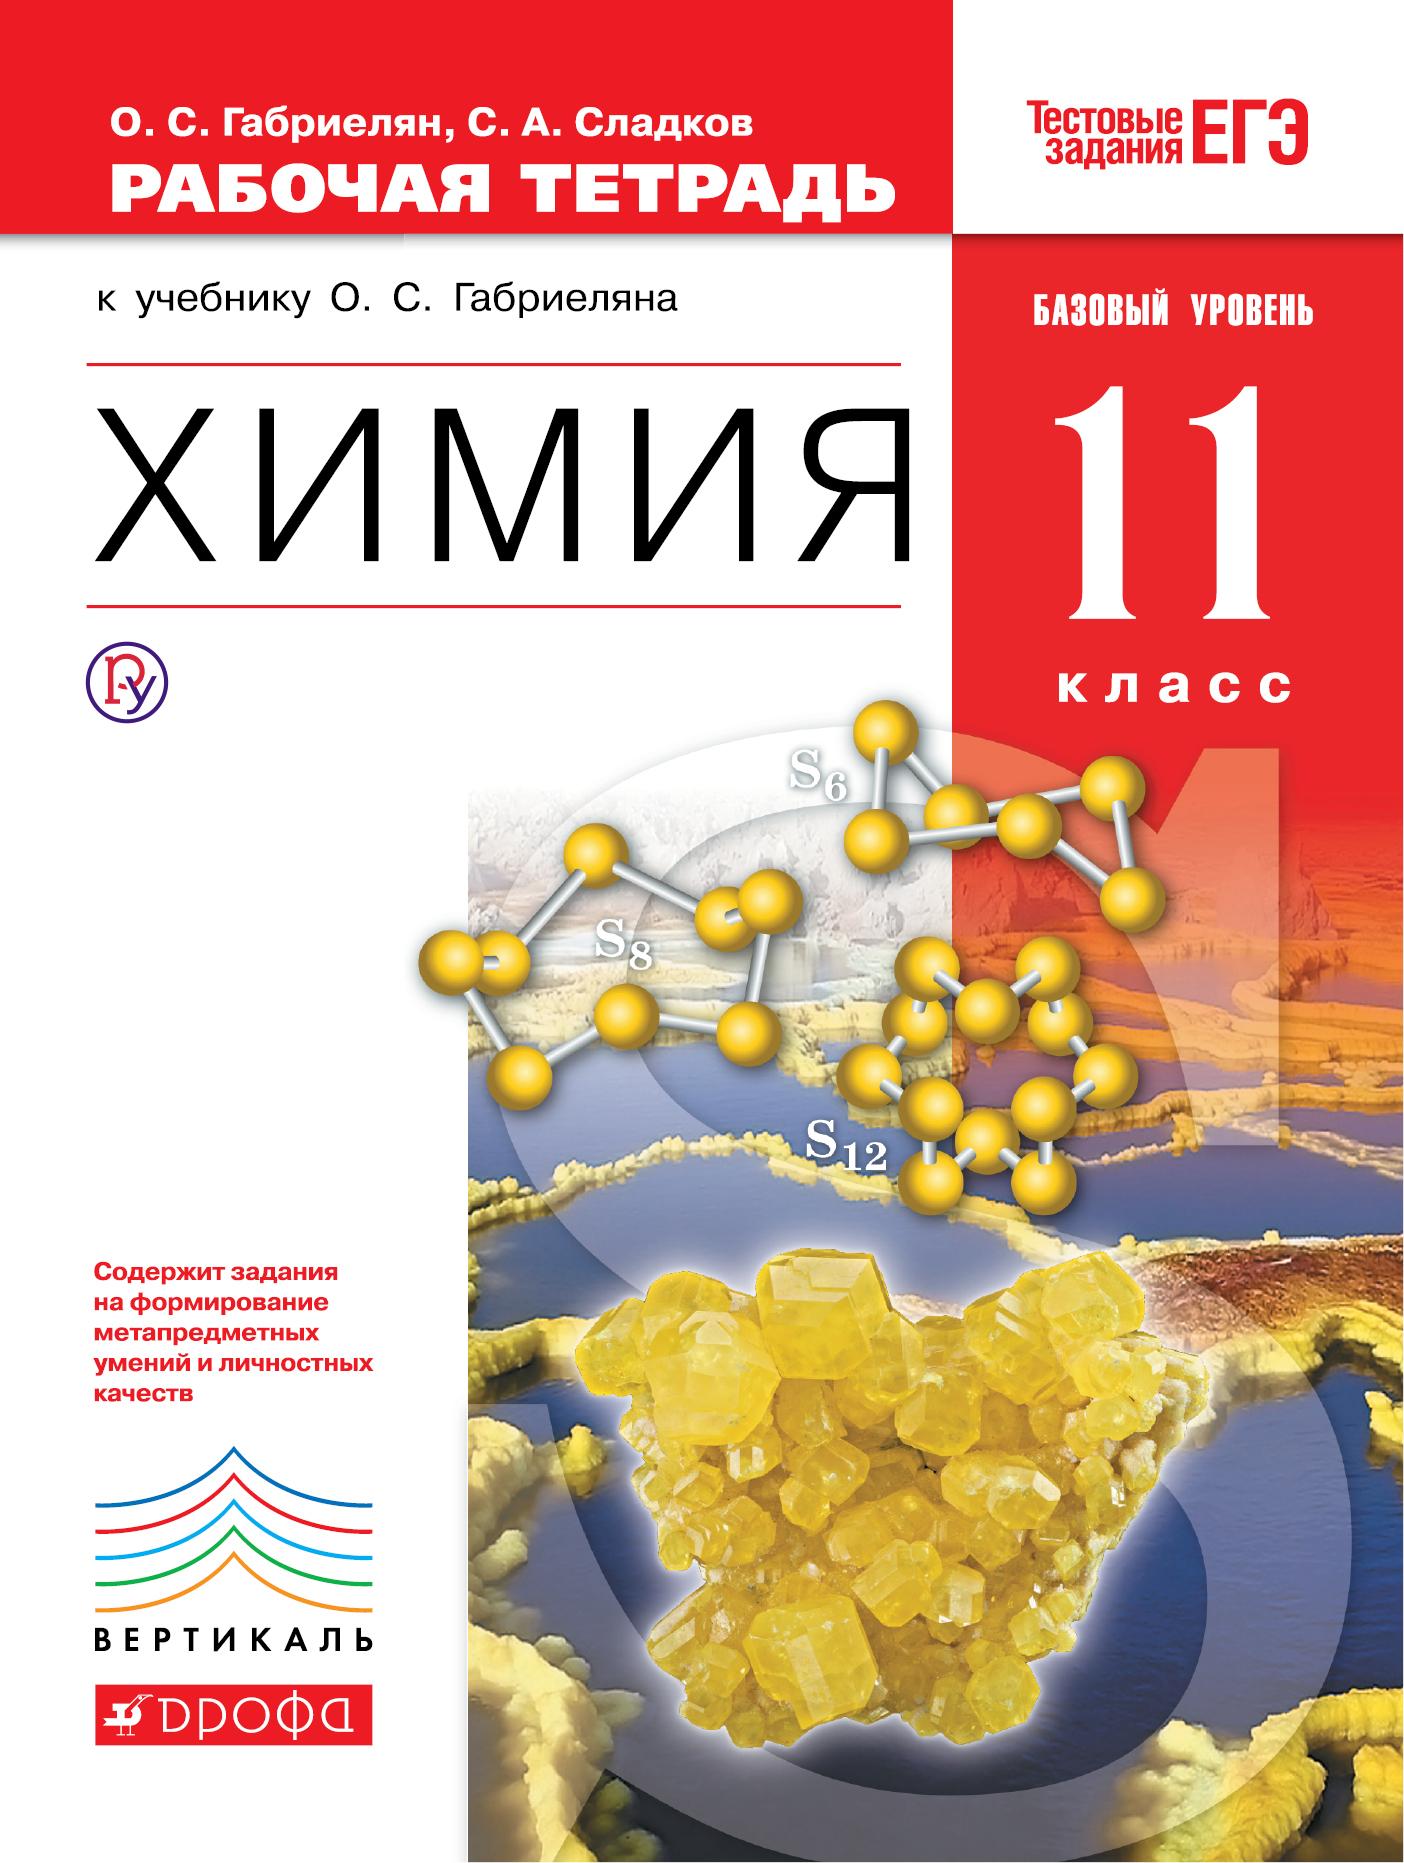 Химия. Базовый уровень. 11 класс. Рабочая тетрадь ( Габриелян О.С., Сладков С.А.  )